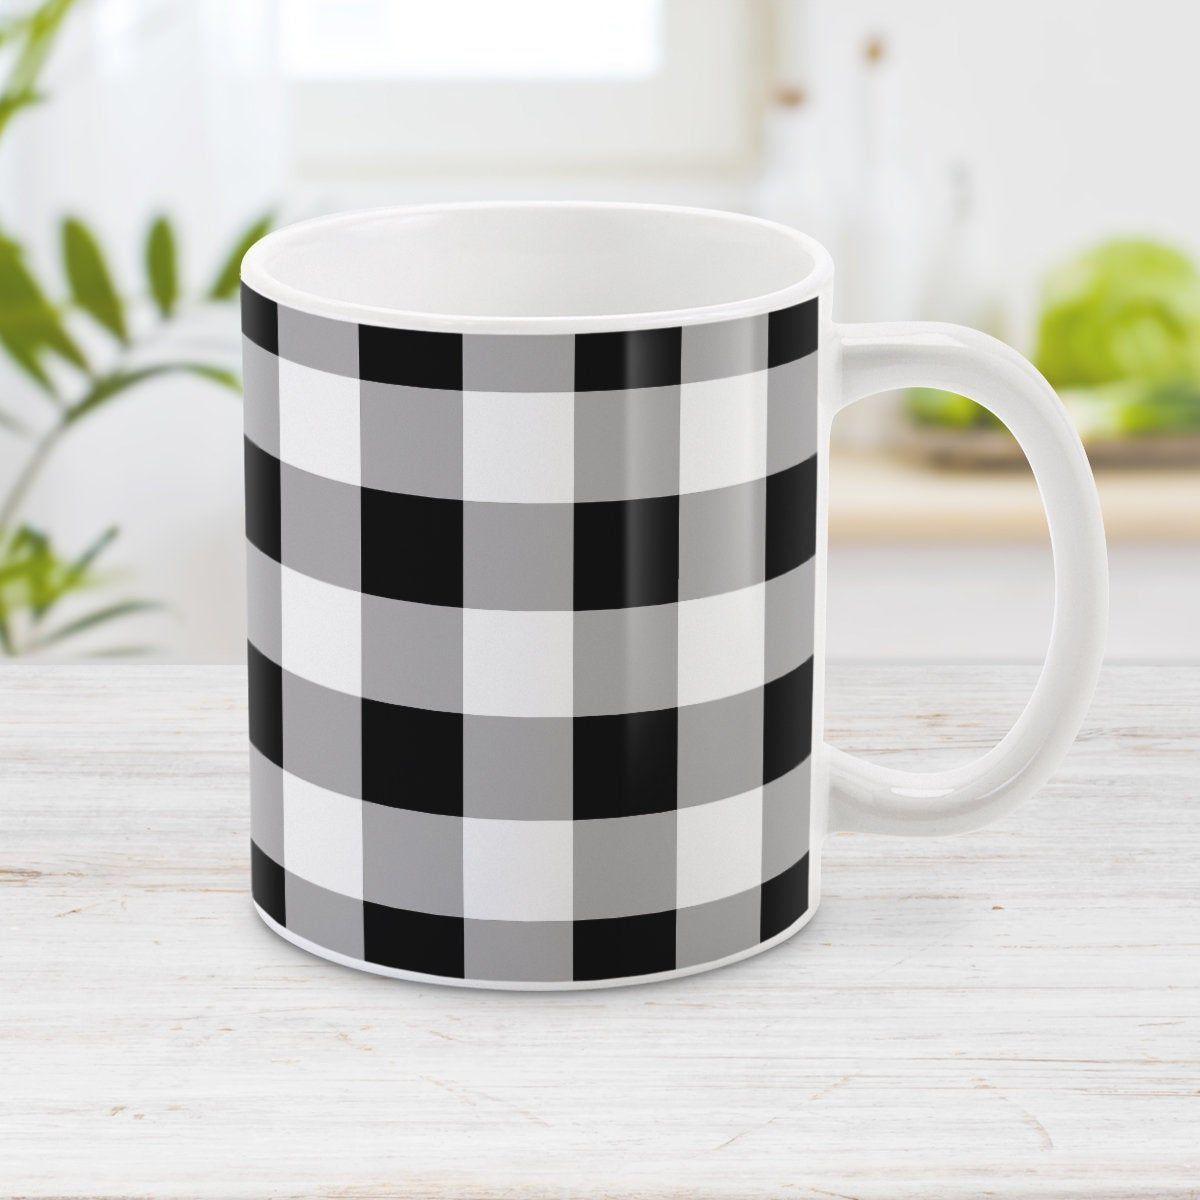 Buffalo plaid mug rustic black and white pattern 11oz or